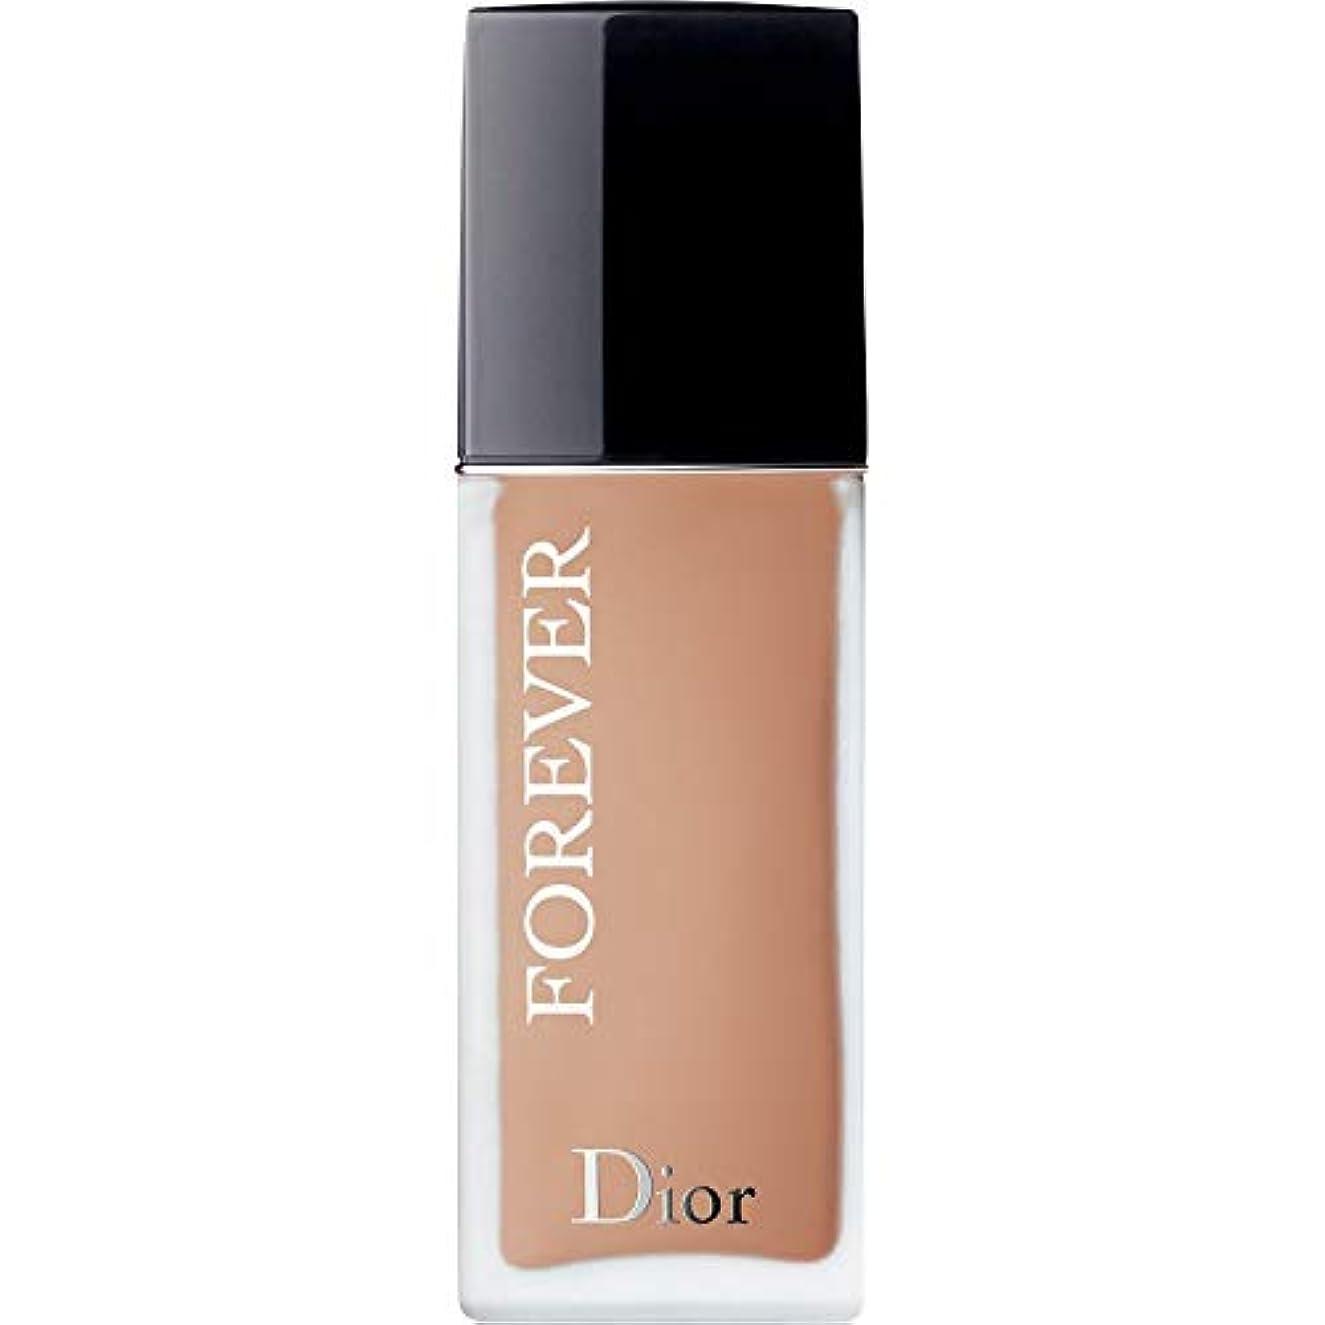 ゾーン持ってる競合他社選手[Dior ] ディオール永遠皮膚思いやりの基礎Spf35 30ミリリットル4Cを - クール(つや消し) - DIOR Forever Skin-Caring Foundation SPF35 30ml 4C - Cool...